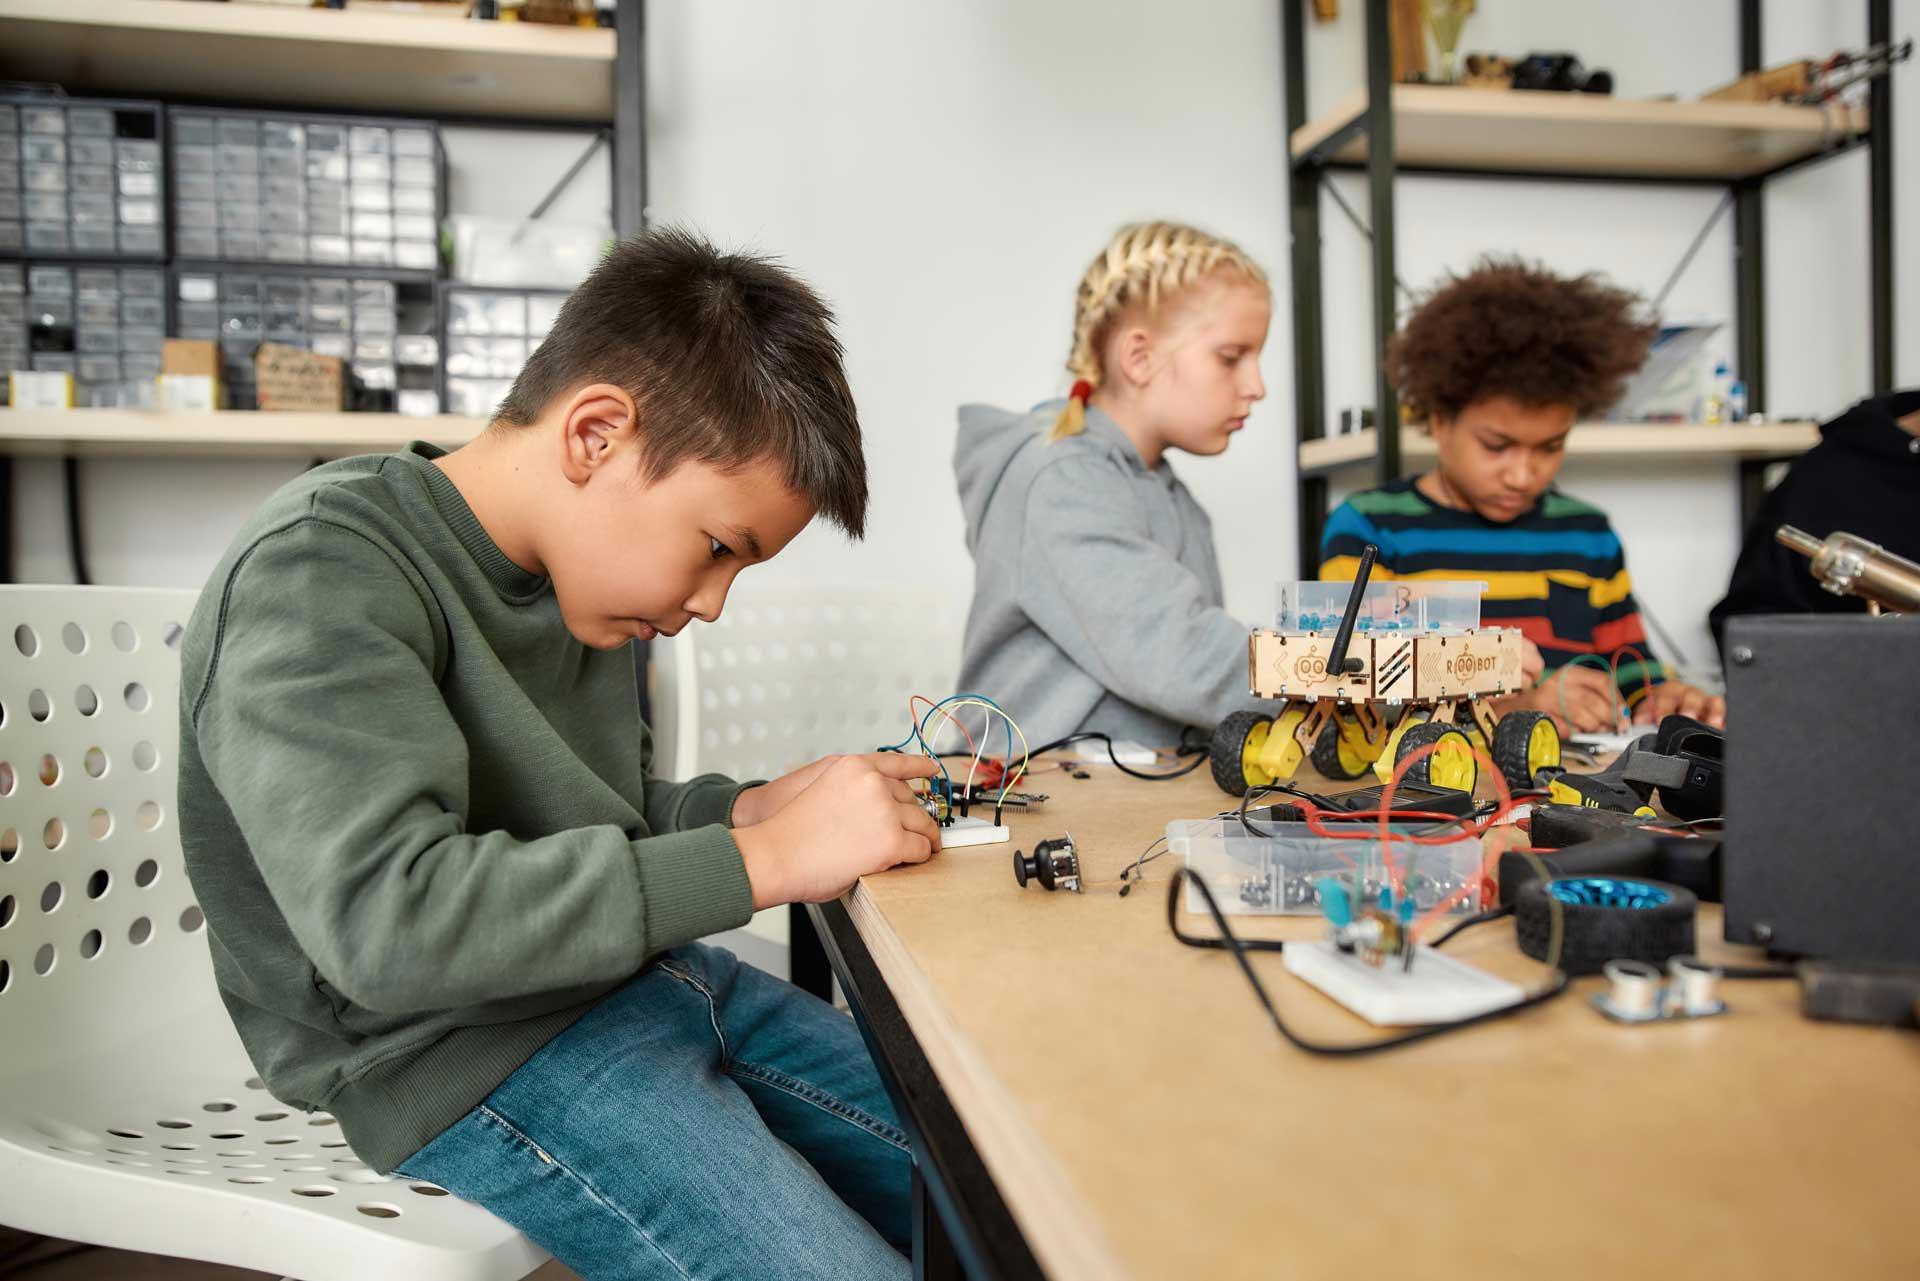 Zajęcia dodatkowe z mechaniki dla dzieci w szkole